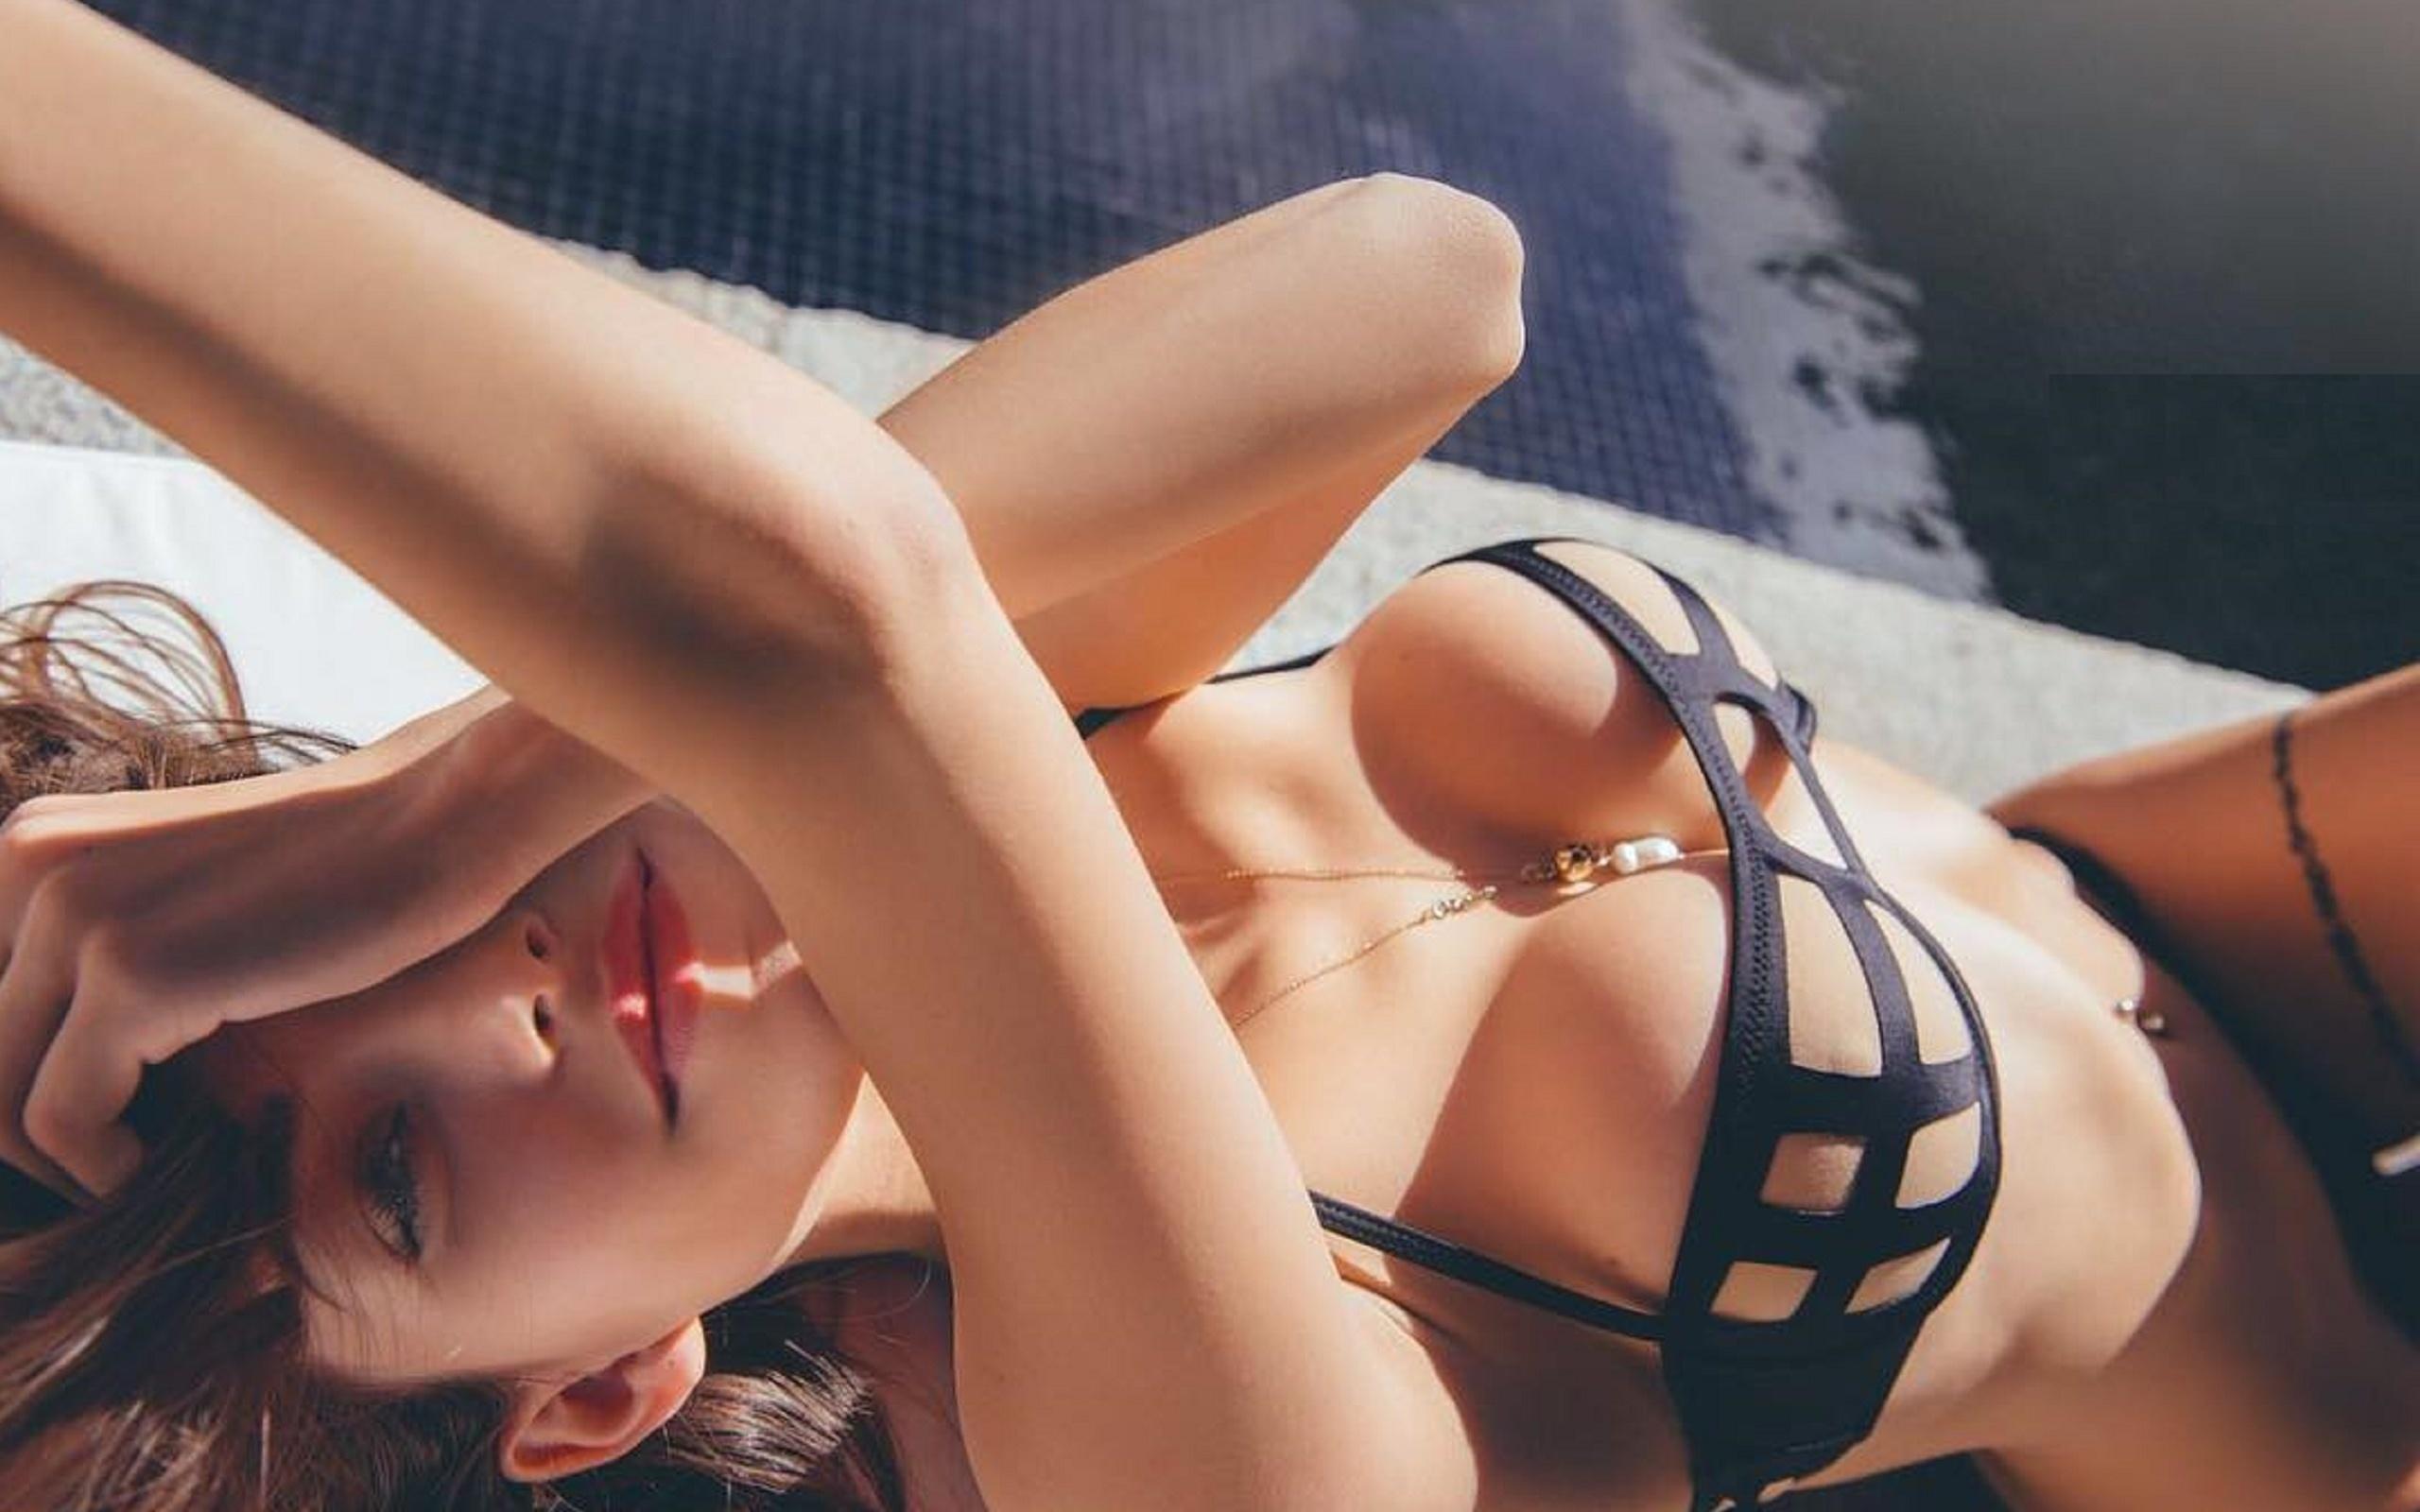 Упругая грудь эро, Упругие сиськи красивых девушек - фото 26 фотография